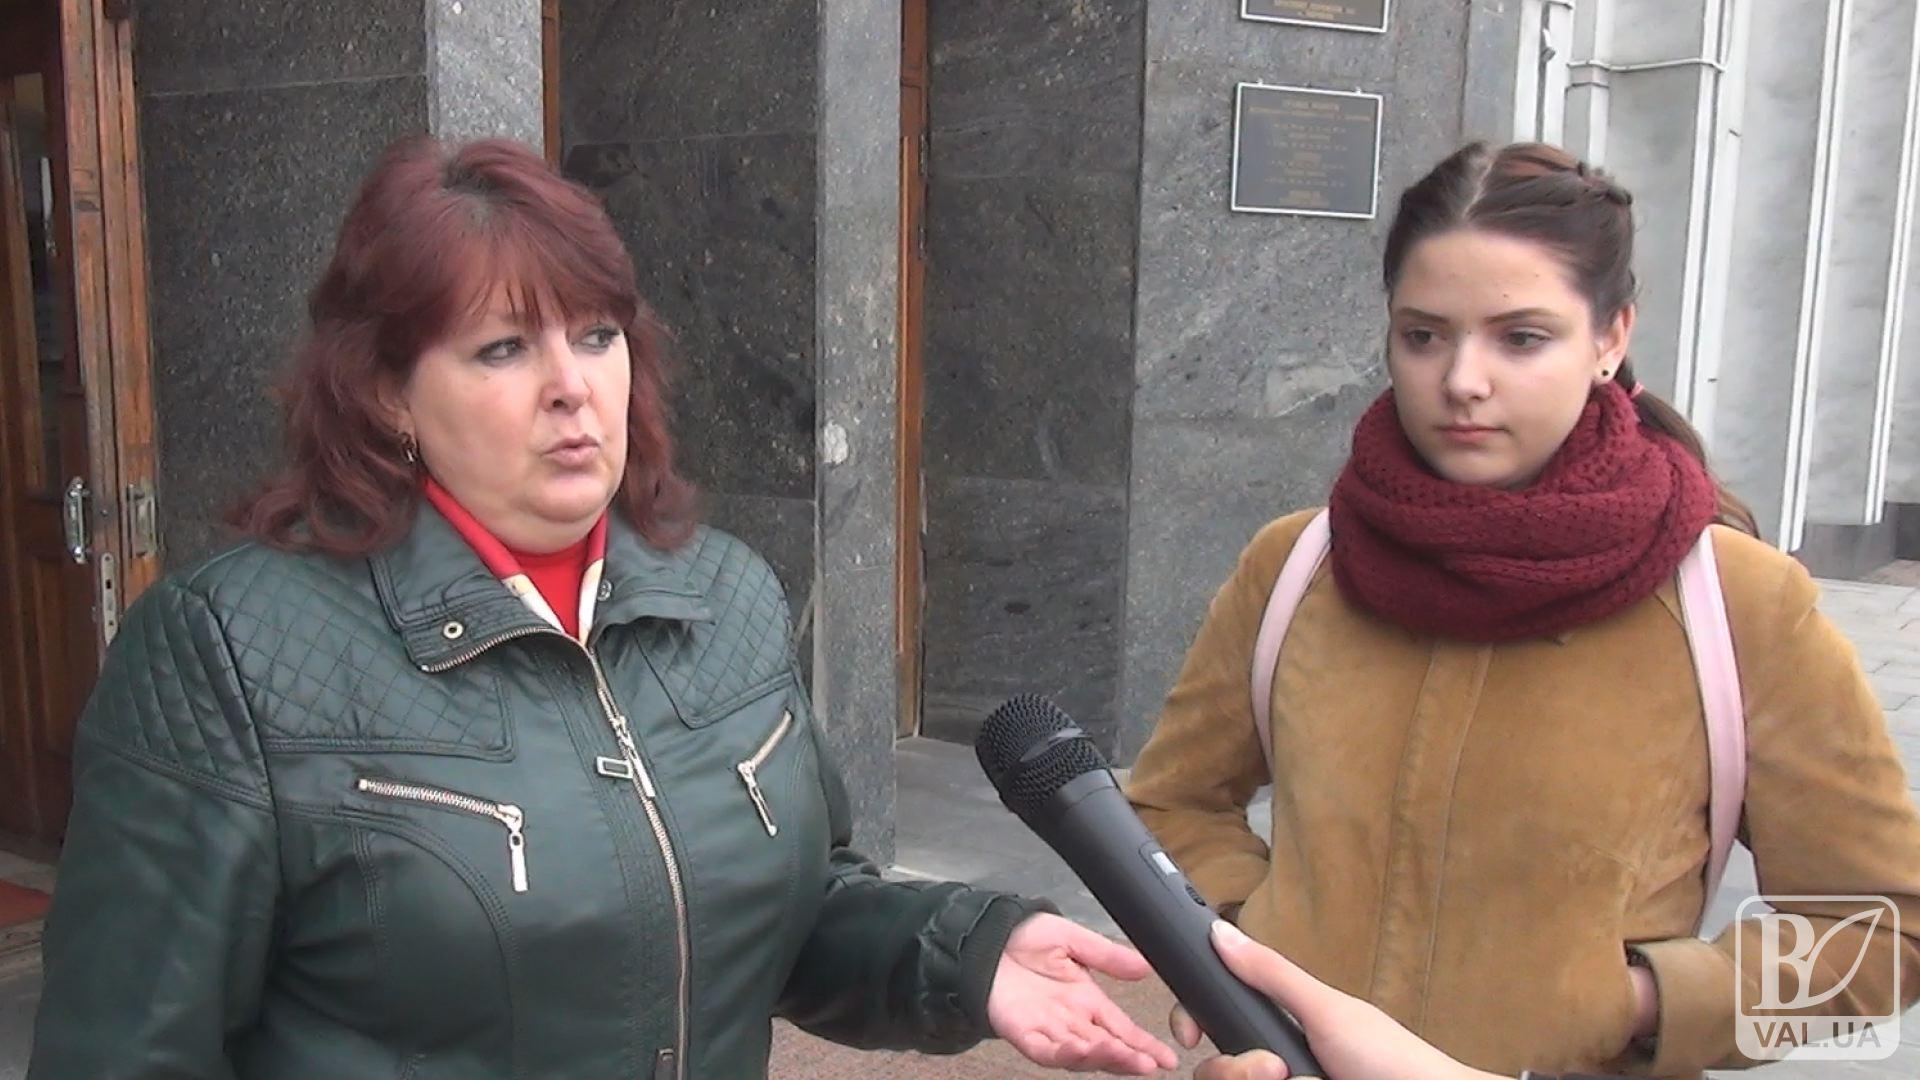 Справу Малоштан закрили від громадськості, а родичі Поліни не вірять у справедливе правосуддя. ВІДЕО